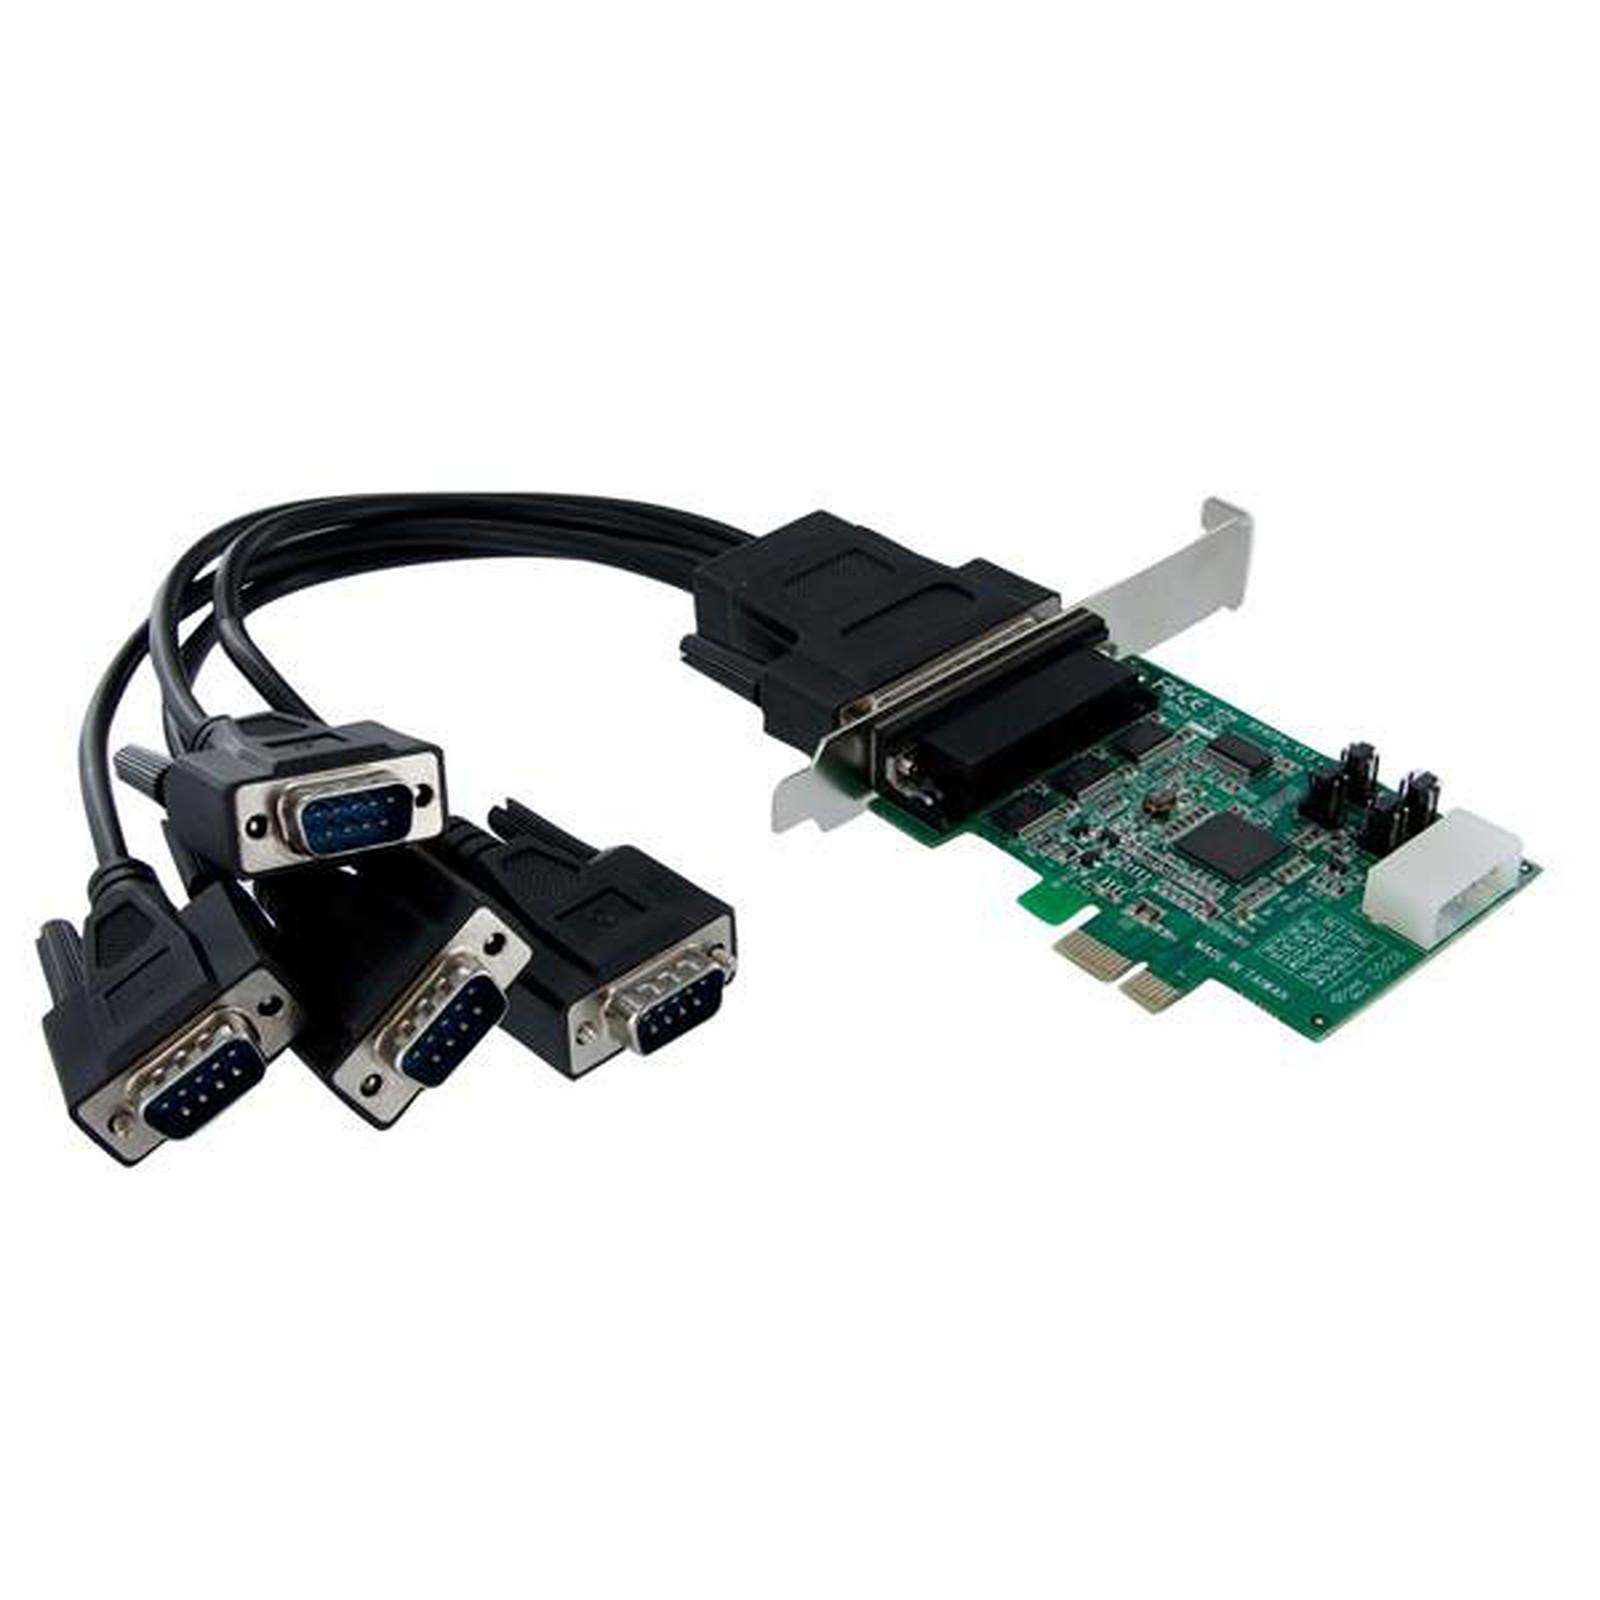 StarTech.com PEX4S952